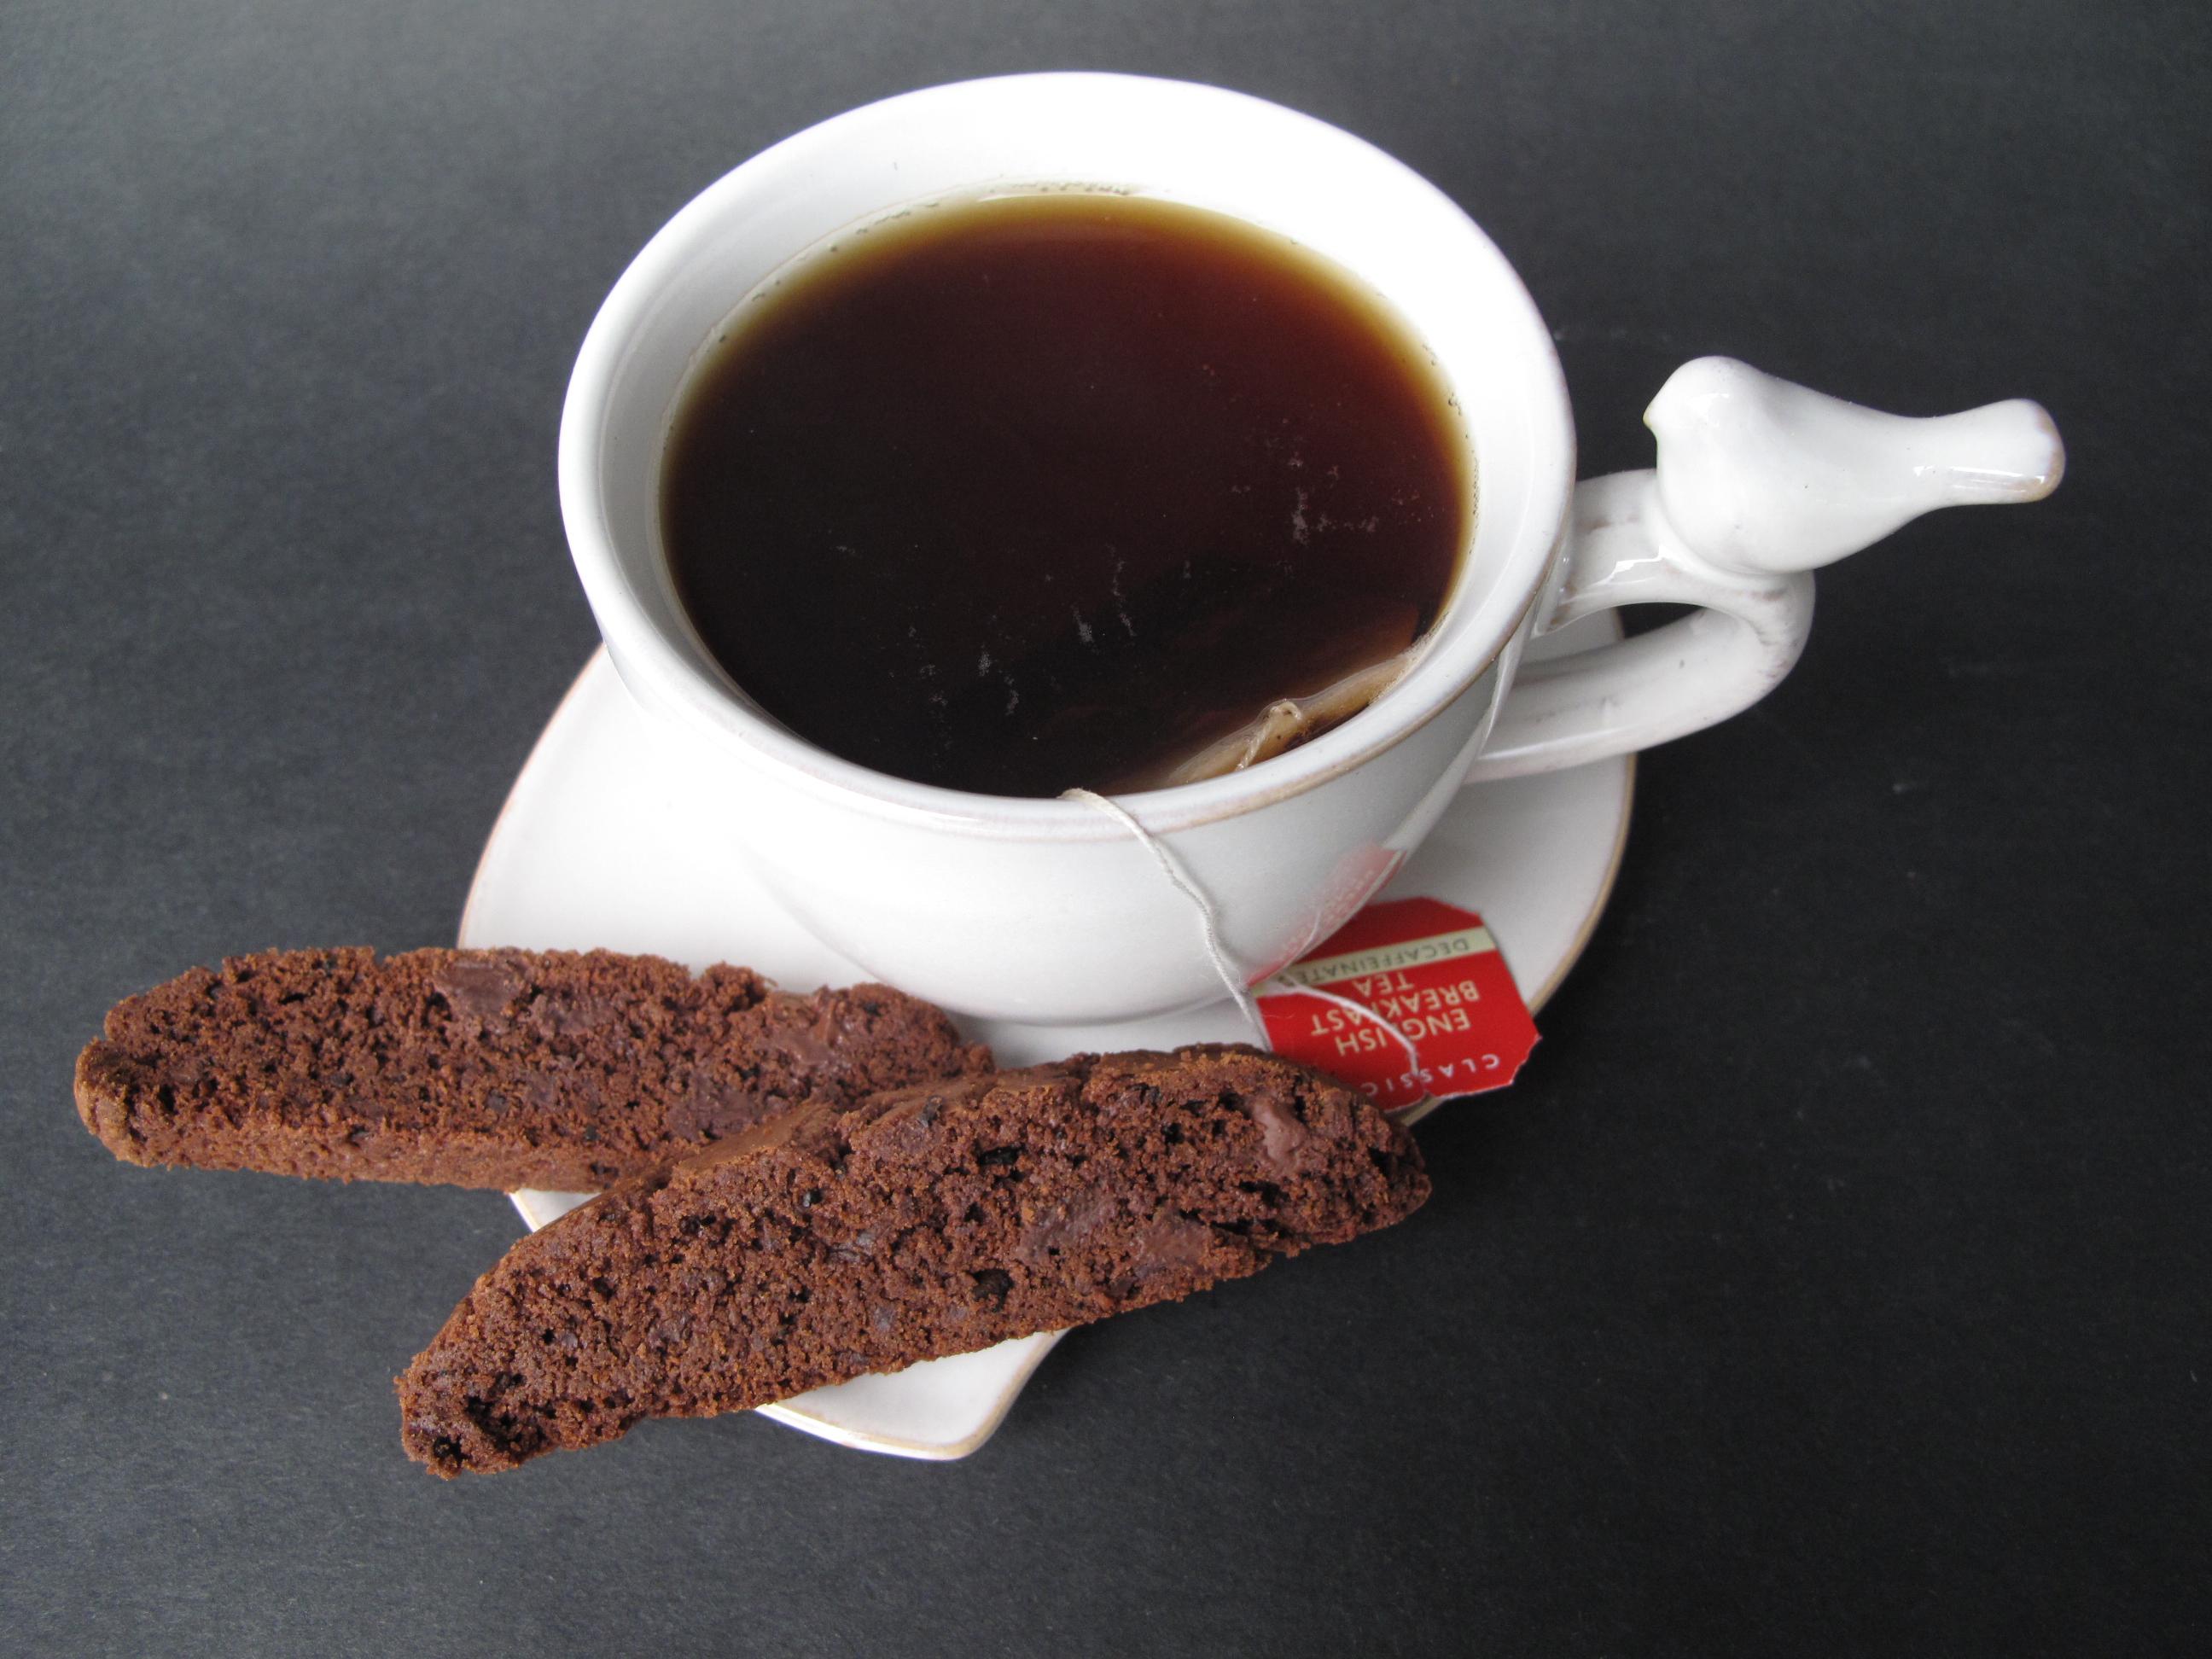 Chocolate Espresso Biscotti - The Monday Box